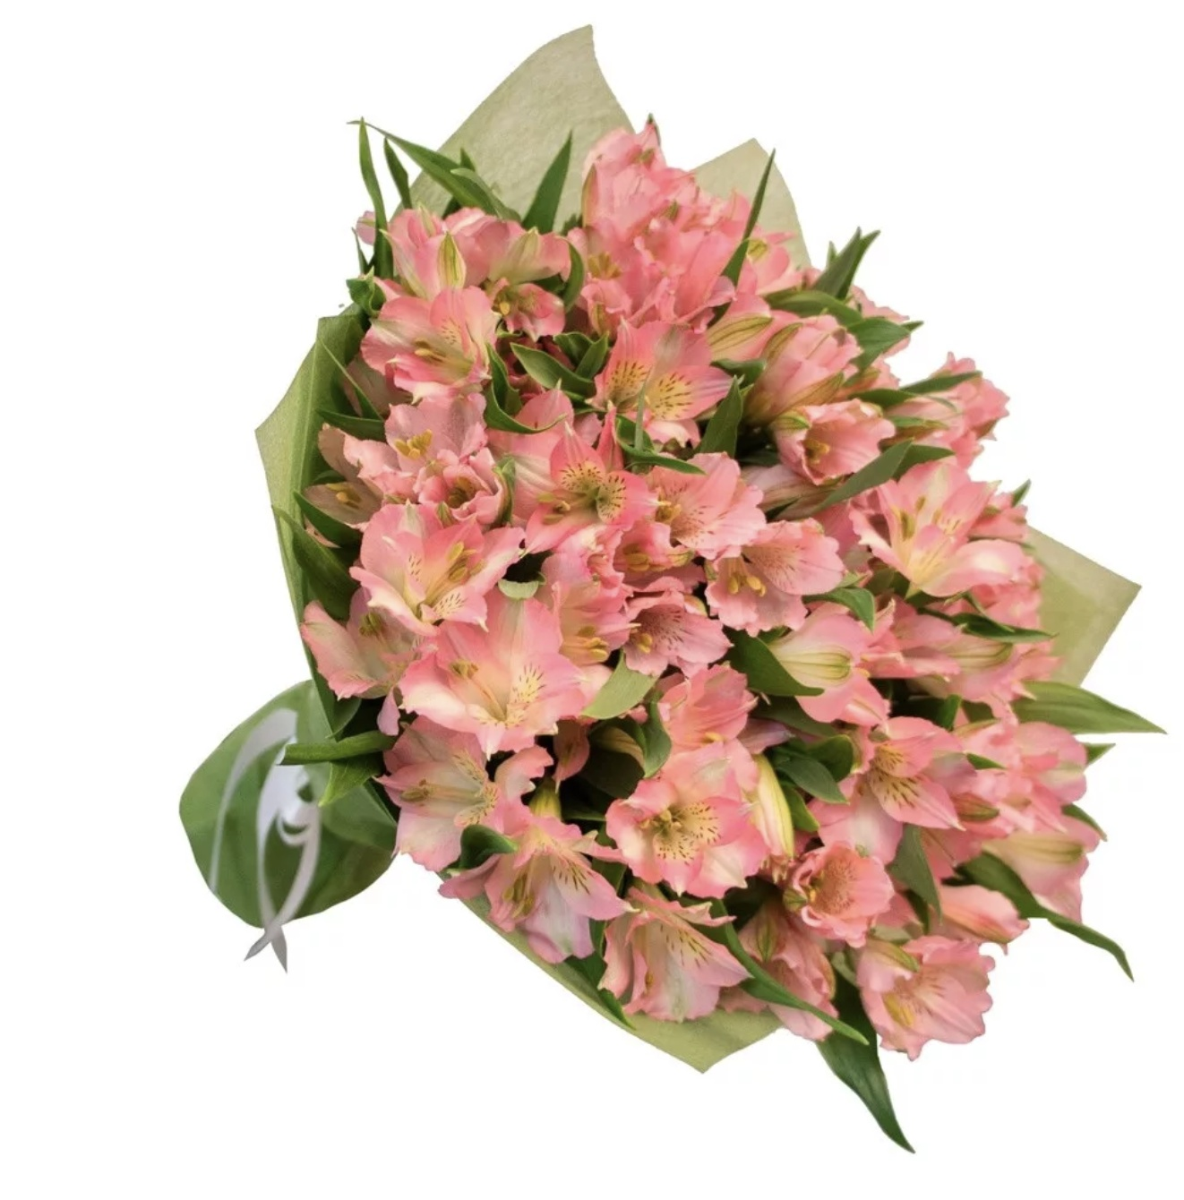 виды цветов для букетов фото с названиями камином